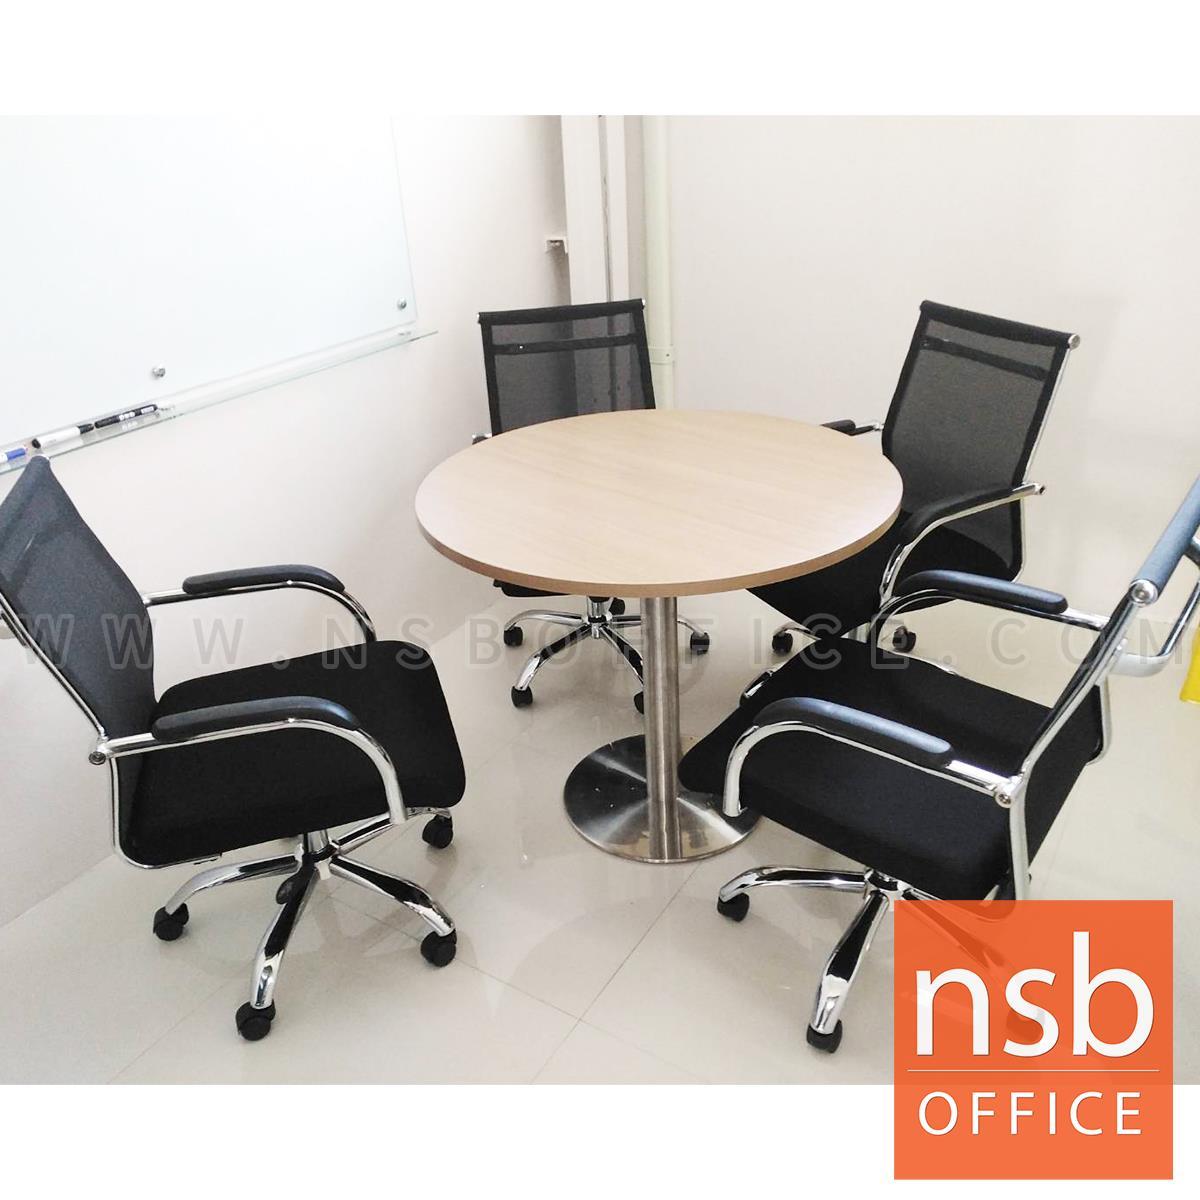 โต๊ะประชุมทรงกลม รุ่น Ingle (อินเกิล) 4 ,5 ที่นั่ง 90Di, 120Di cm.  ฐานสเตนเลส